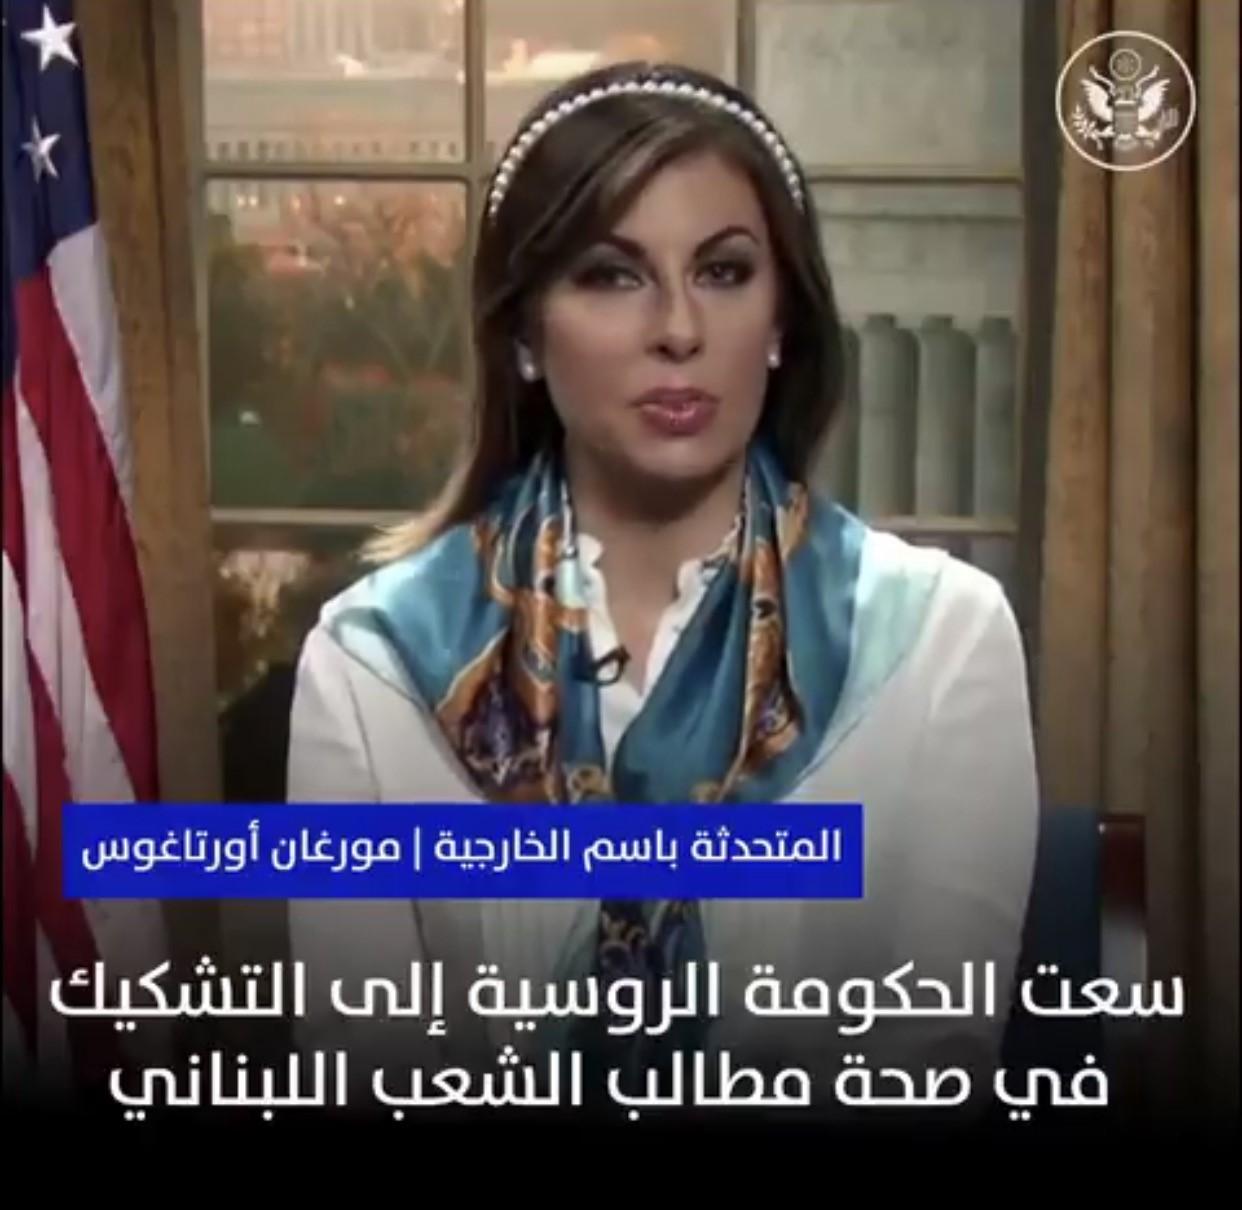 الناطقة بإسم وزارة الخارجية الأميركية: اعتبار روسيا حراك اللبنانيين مؤامرة اميركية غير صحيح